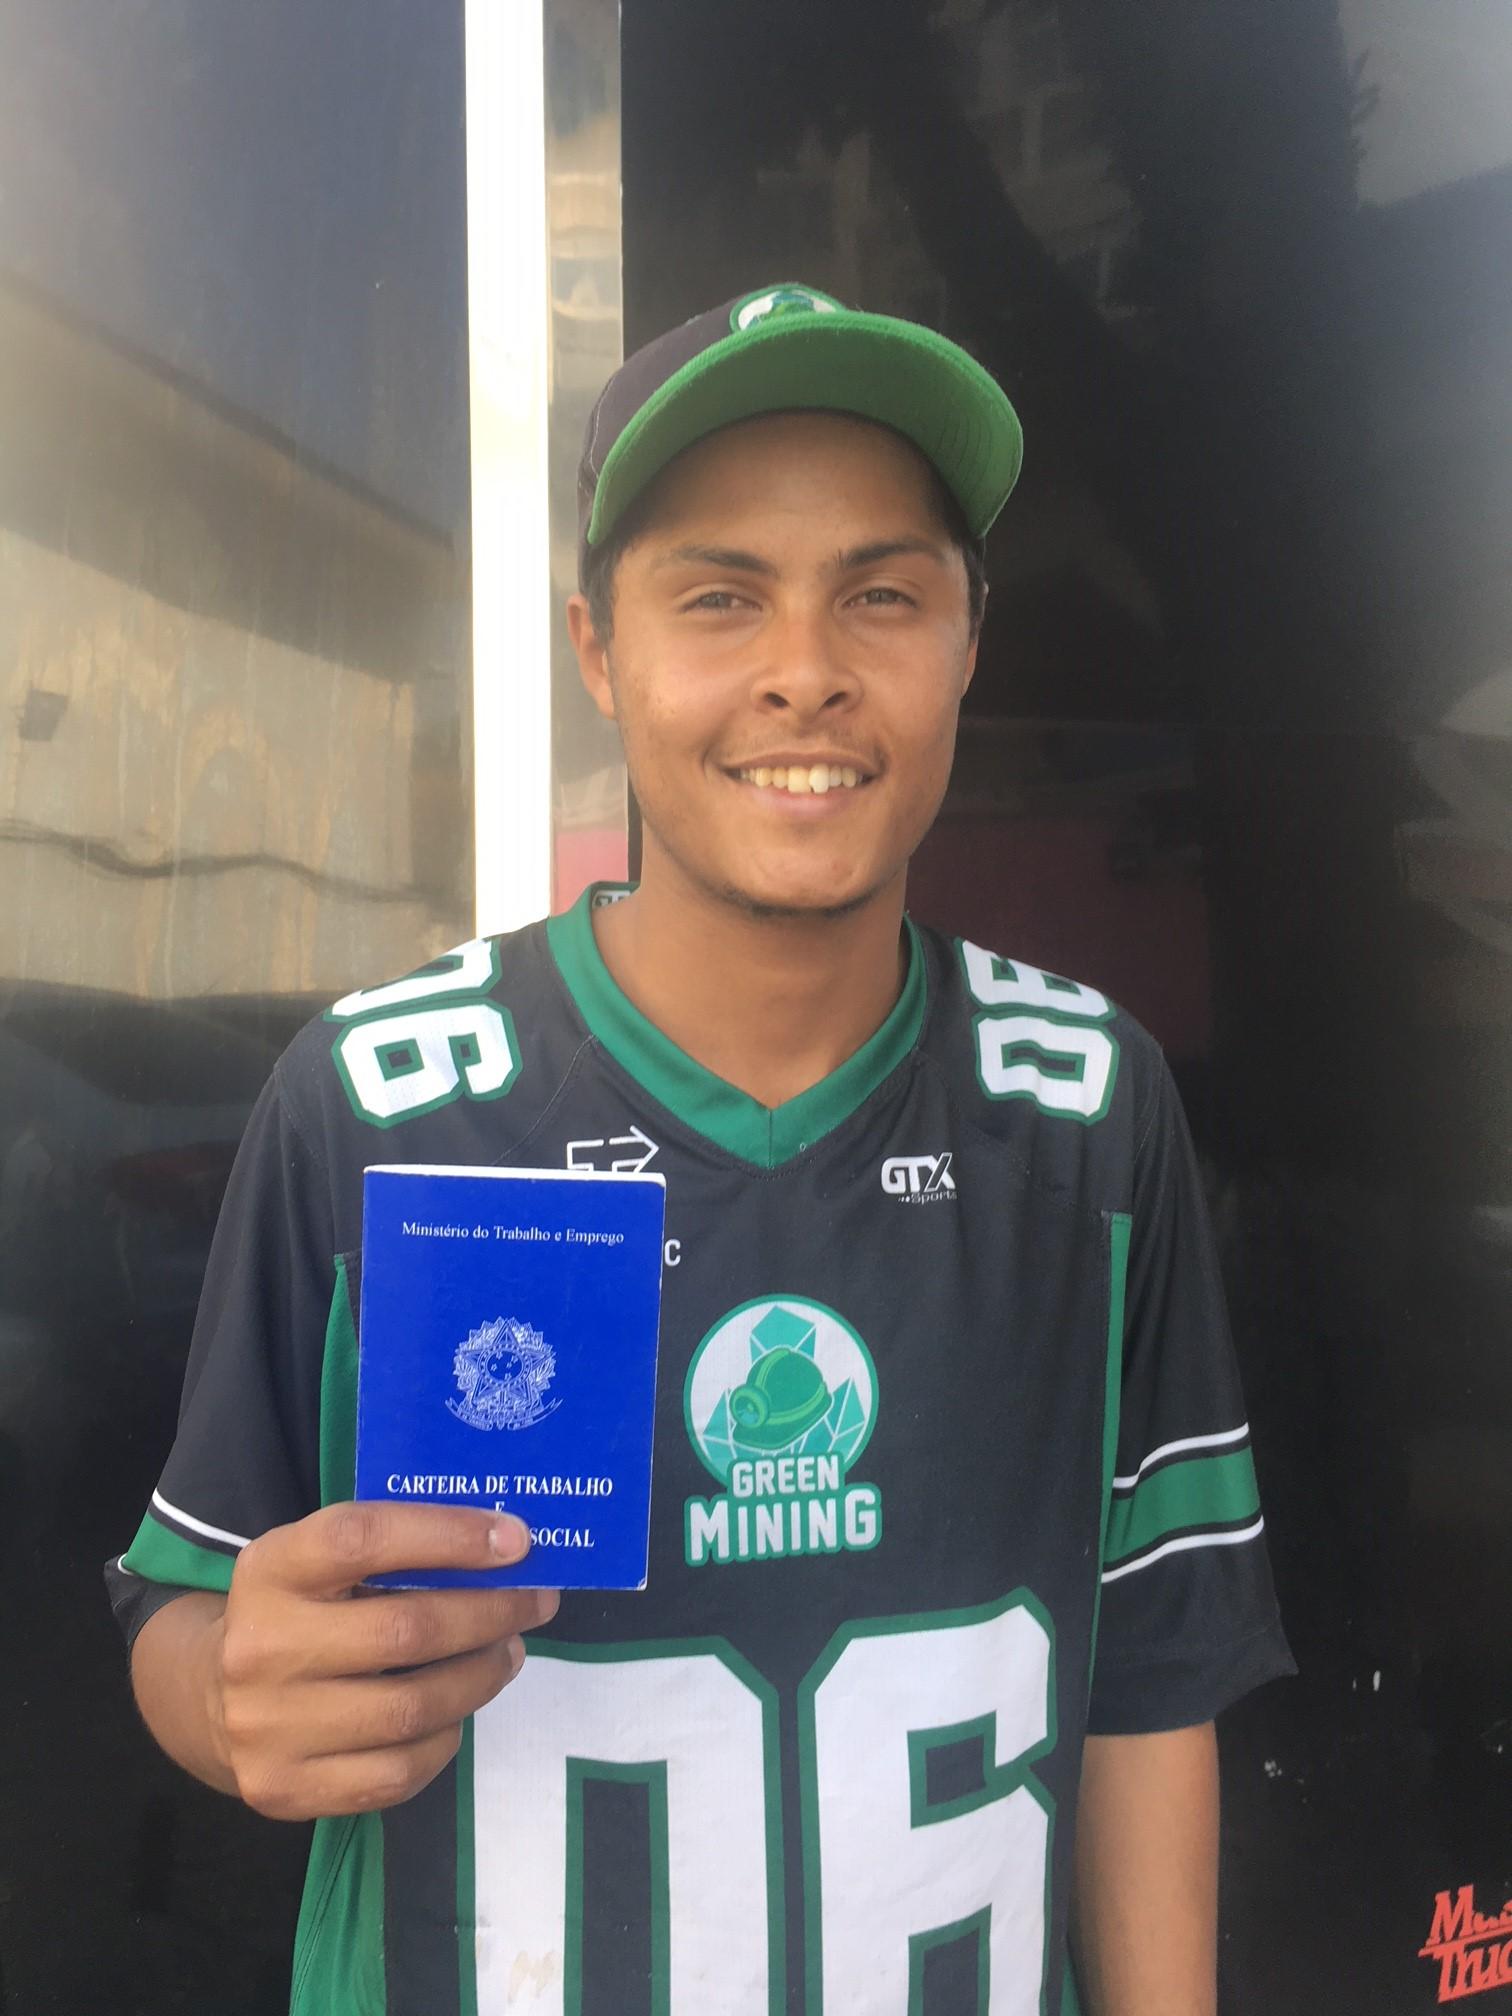 O jovem <strong>Renan Pereira Mattos</strong> está na Green Mining desde dezembro de 2018 e faz faculdade de Ciências Contábeis no período noturno.